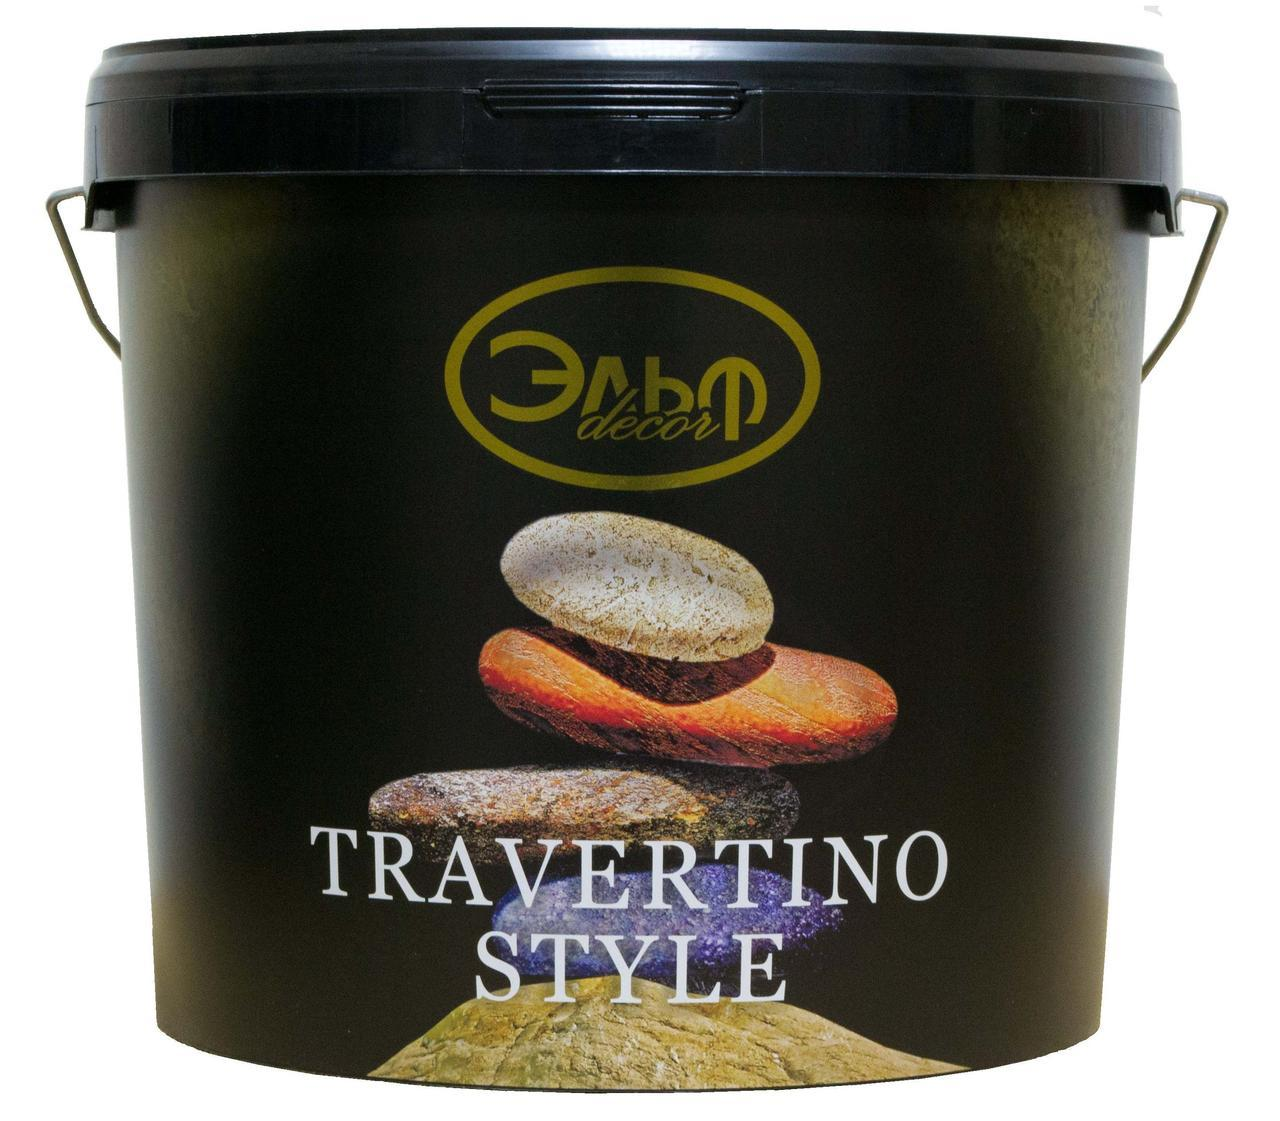 TRAVERTINO Style Wenge (Травертино), Эльф, декоративная штукатурка, коричневая, 15кг